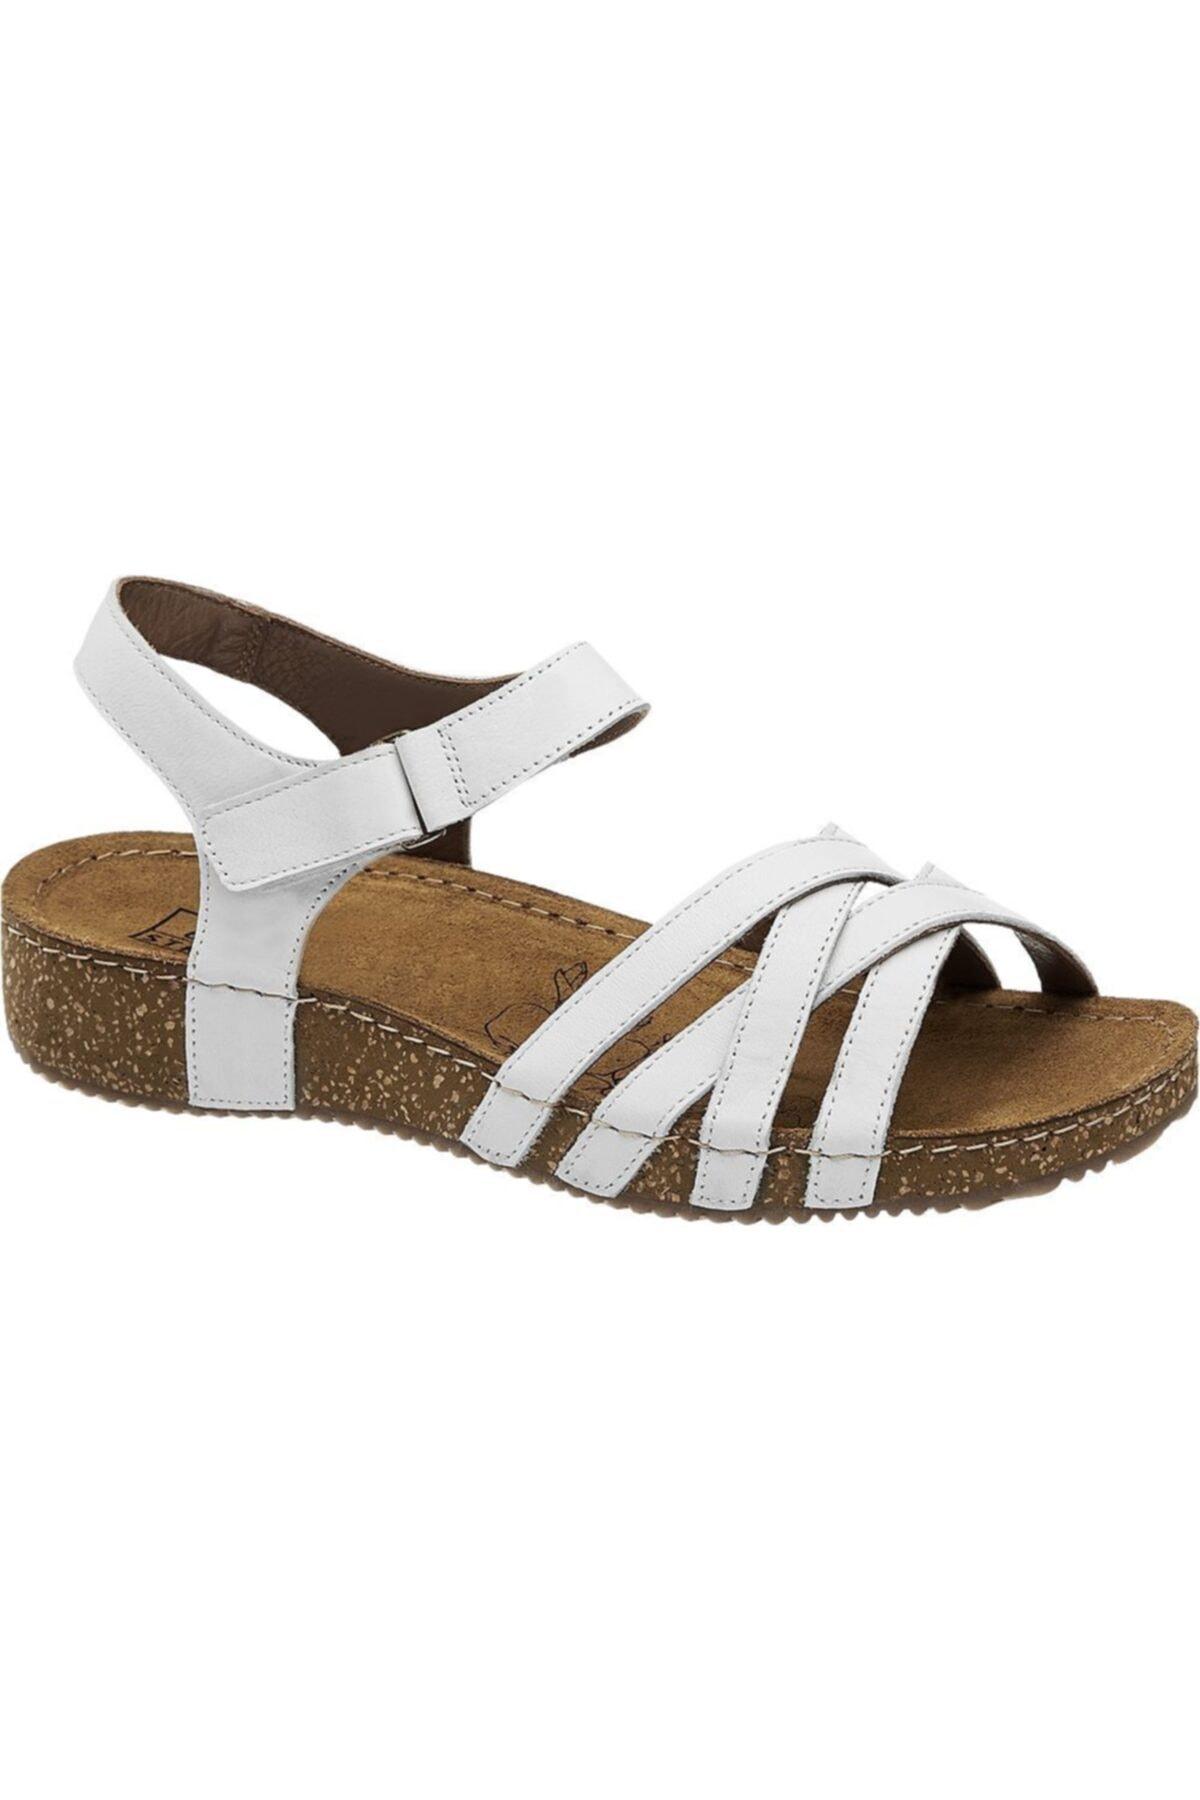 5th Avenue Deichmann 5th Avenue Kadın Hakiki Deri Beyaz Sandalet